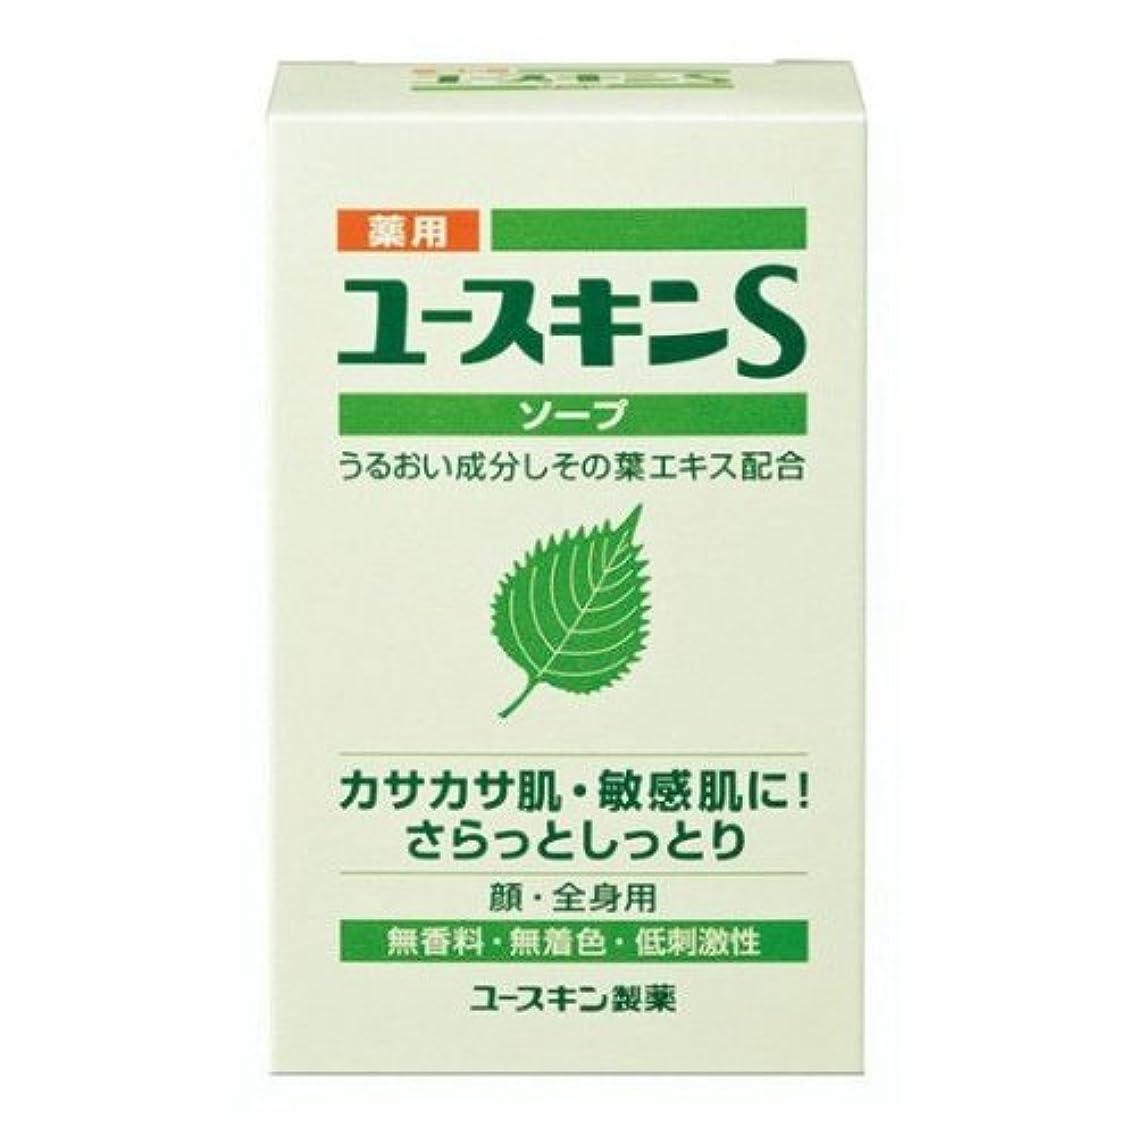 マーキング商品よろしく薬用ユースキンS ソープ 90g (敏感肌用 透明石鹸) 【医薬部外品】